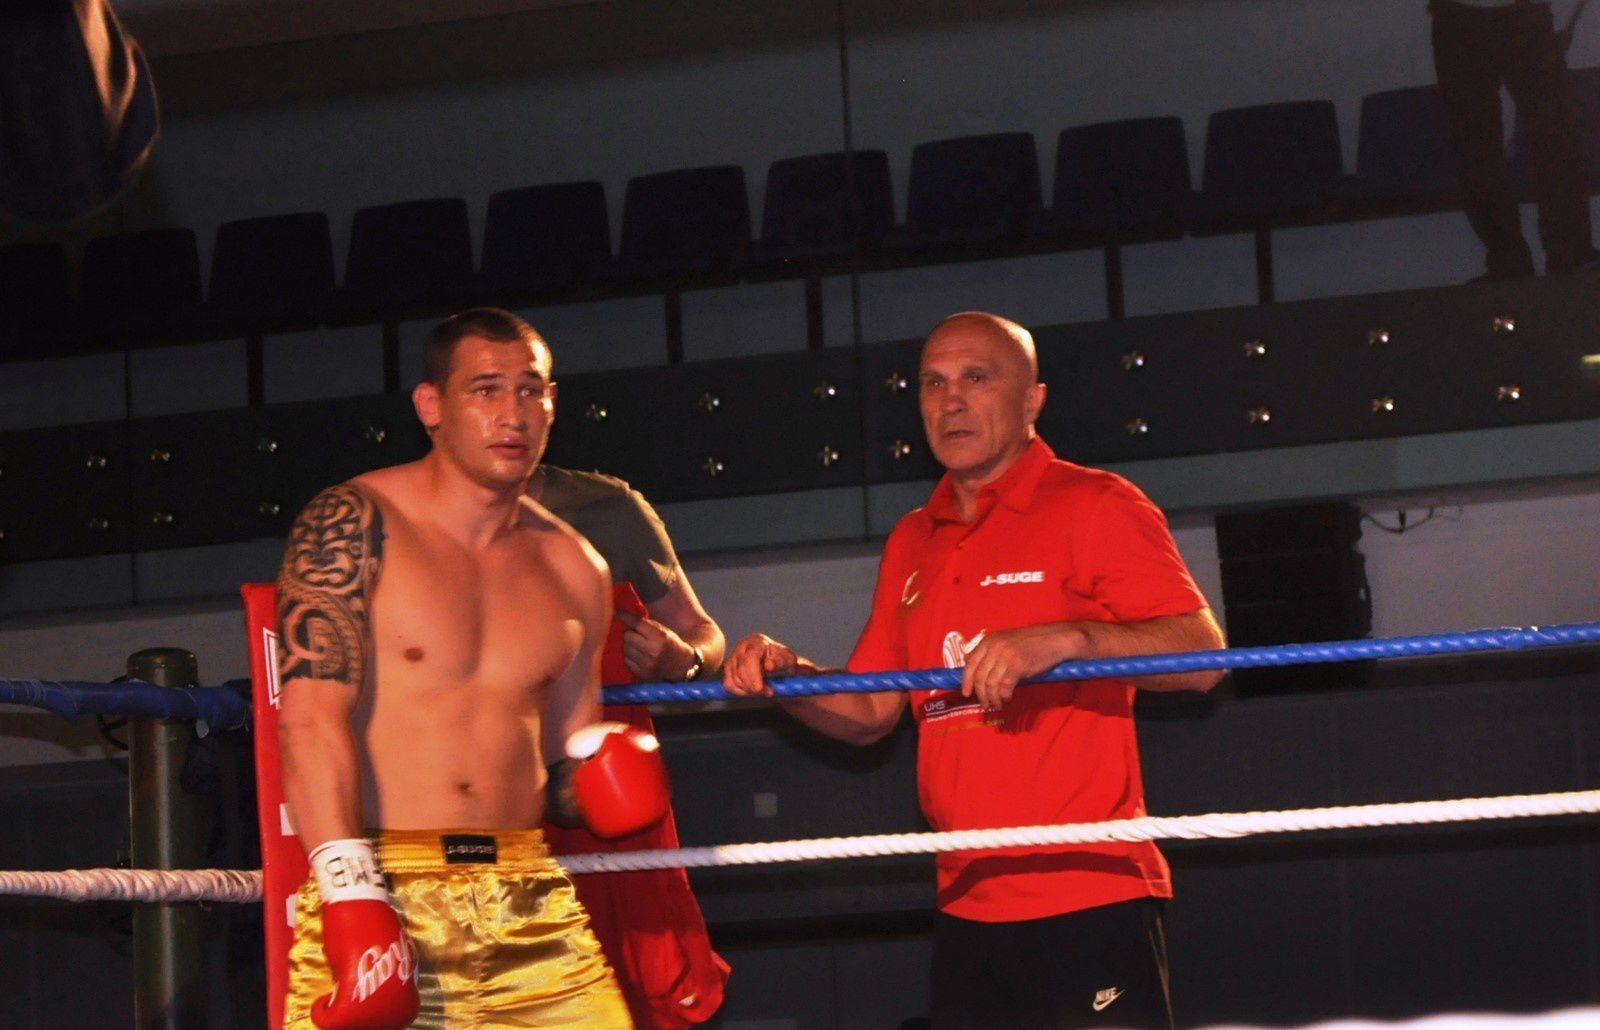 Le 4ème Monaco Boxing Challenge s'est déroulé le vendredi 6 mai avec le retour à la victoire de Ruslan Fayfer.